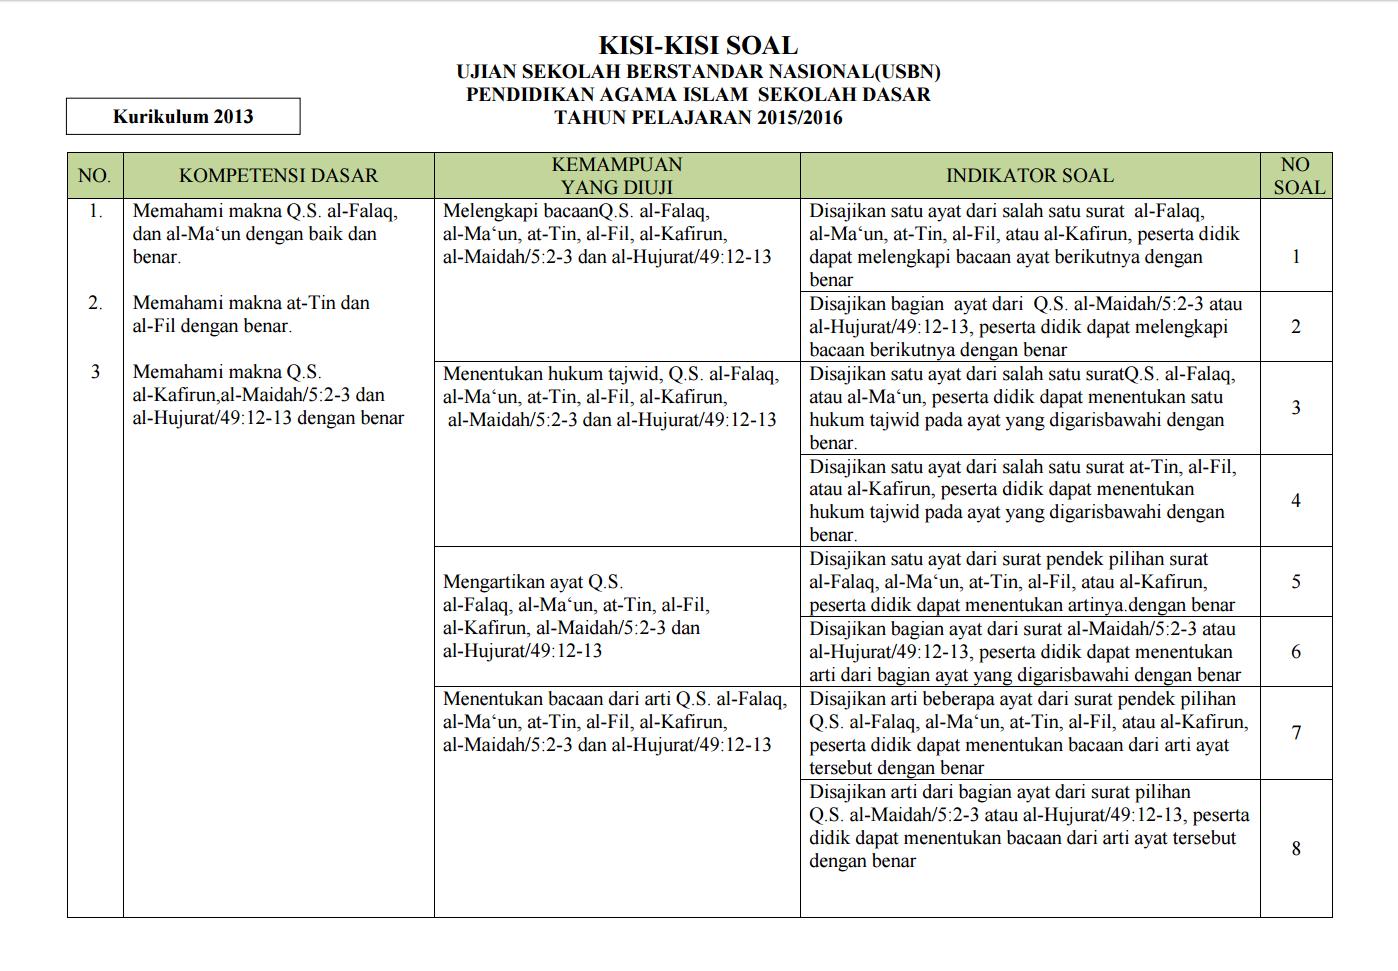 Contoh Soal Uas Bahasa Inggris Smk Kelas Xi Rpp Smk Bahasa Inggris Kelas X Ktsp Silabus Dan Rpp